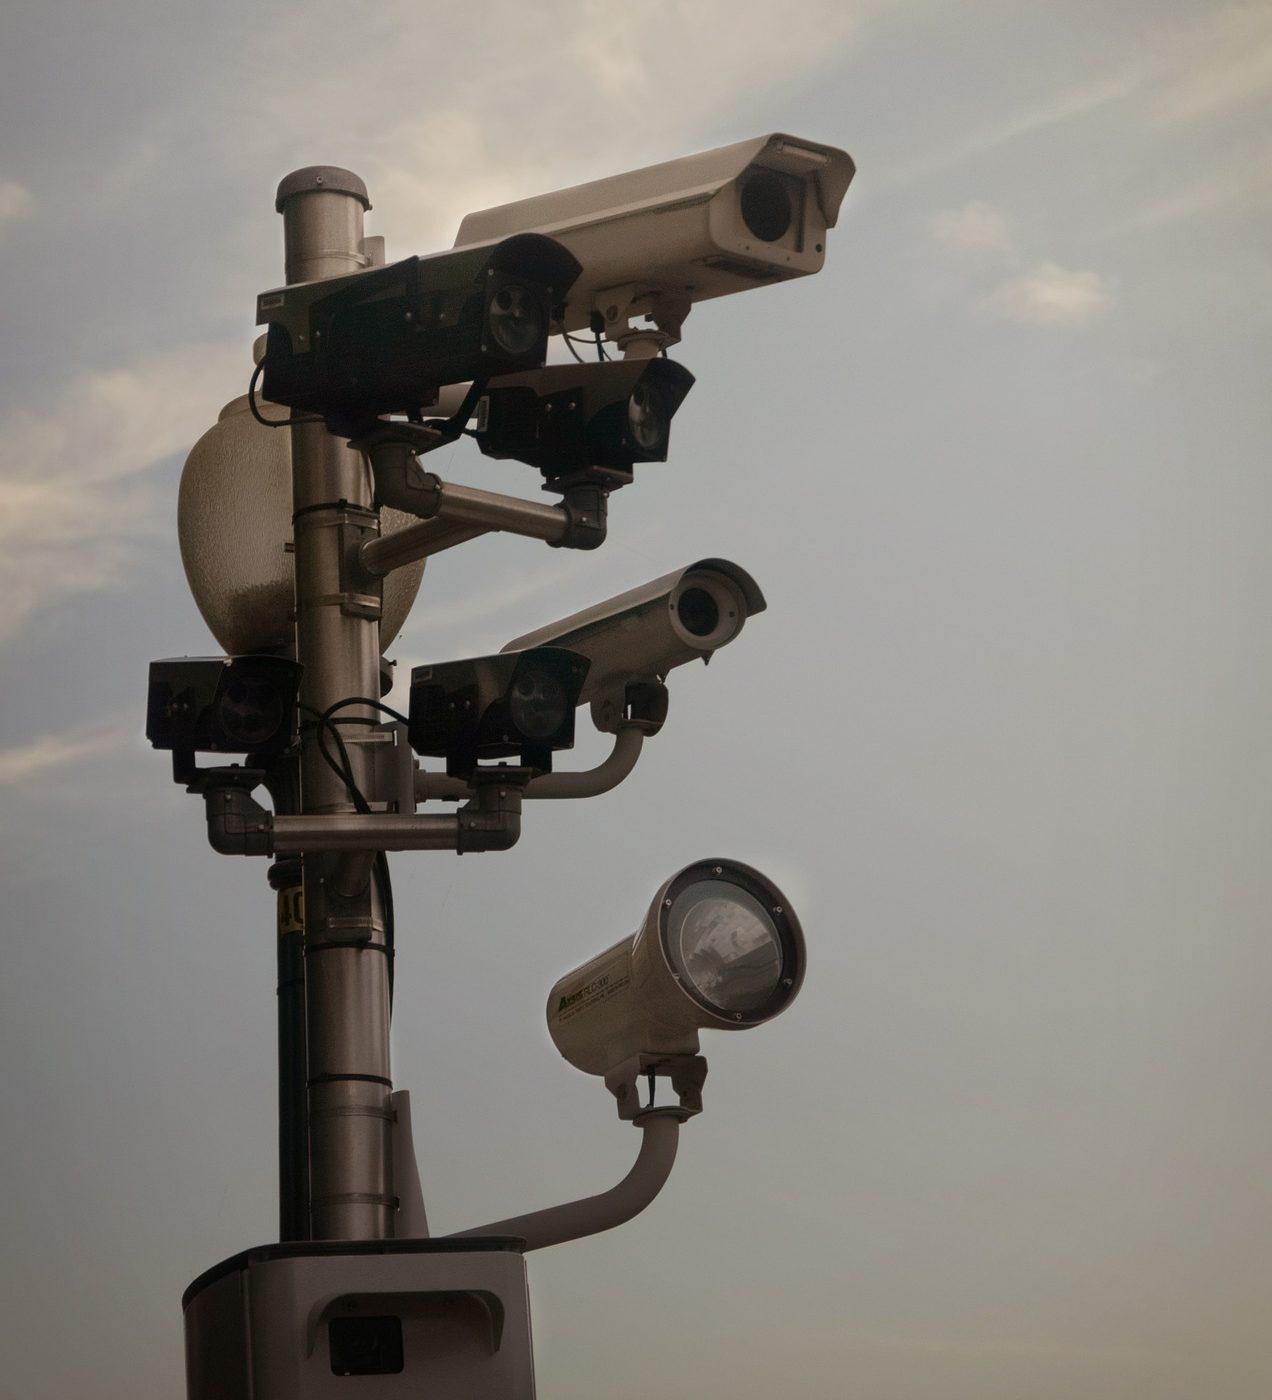 surveillance-state-515100_1920